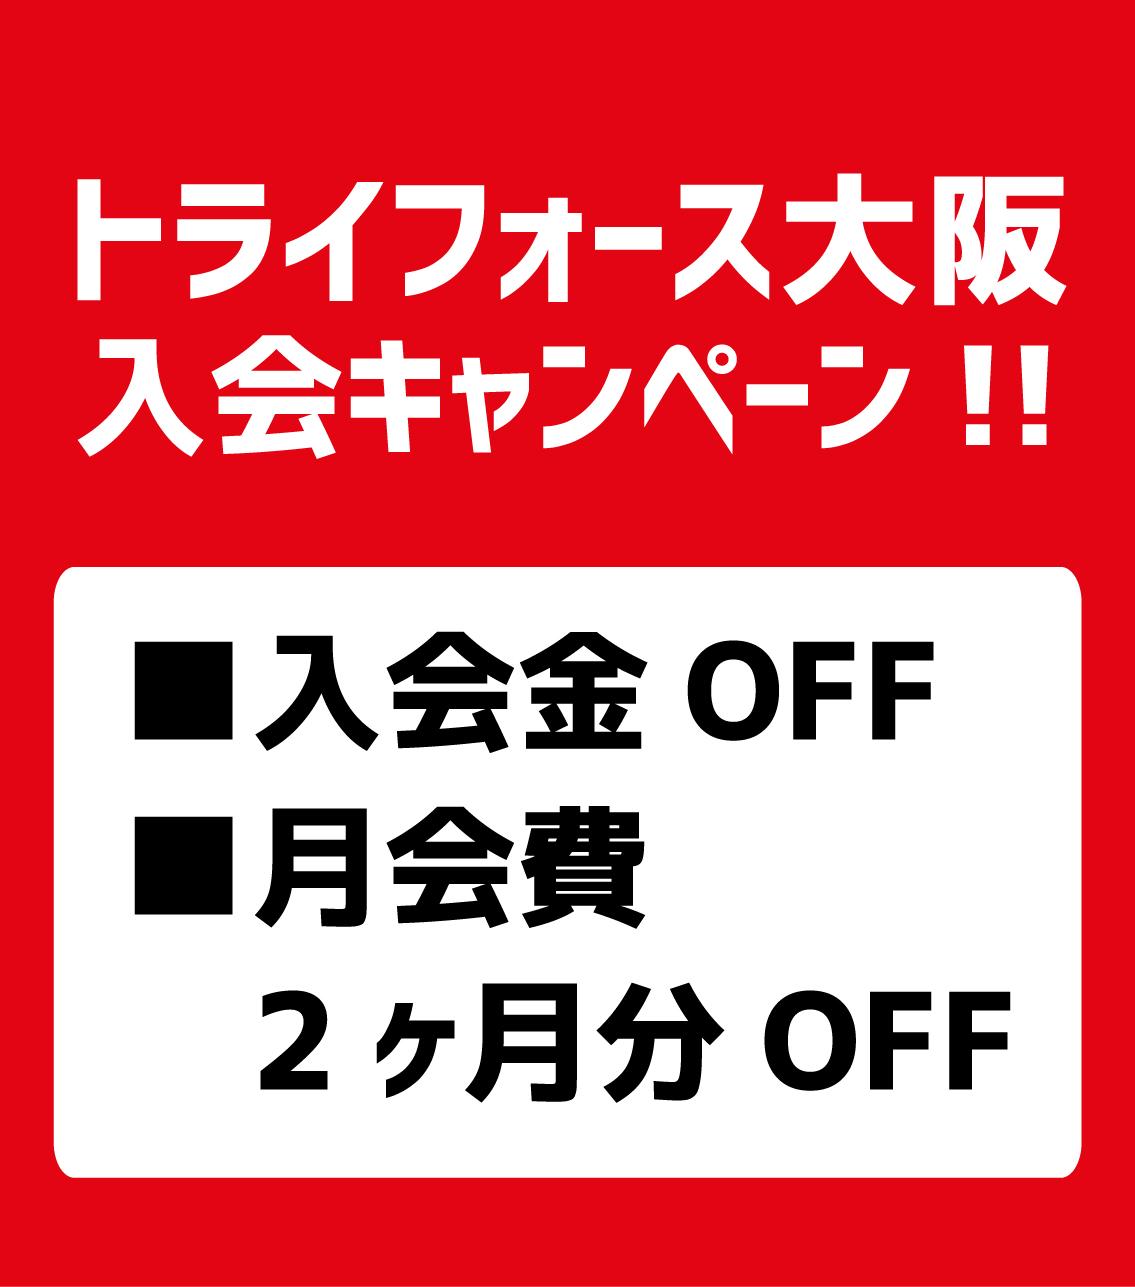 大阪@入会キャンペーン